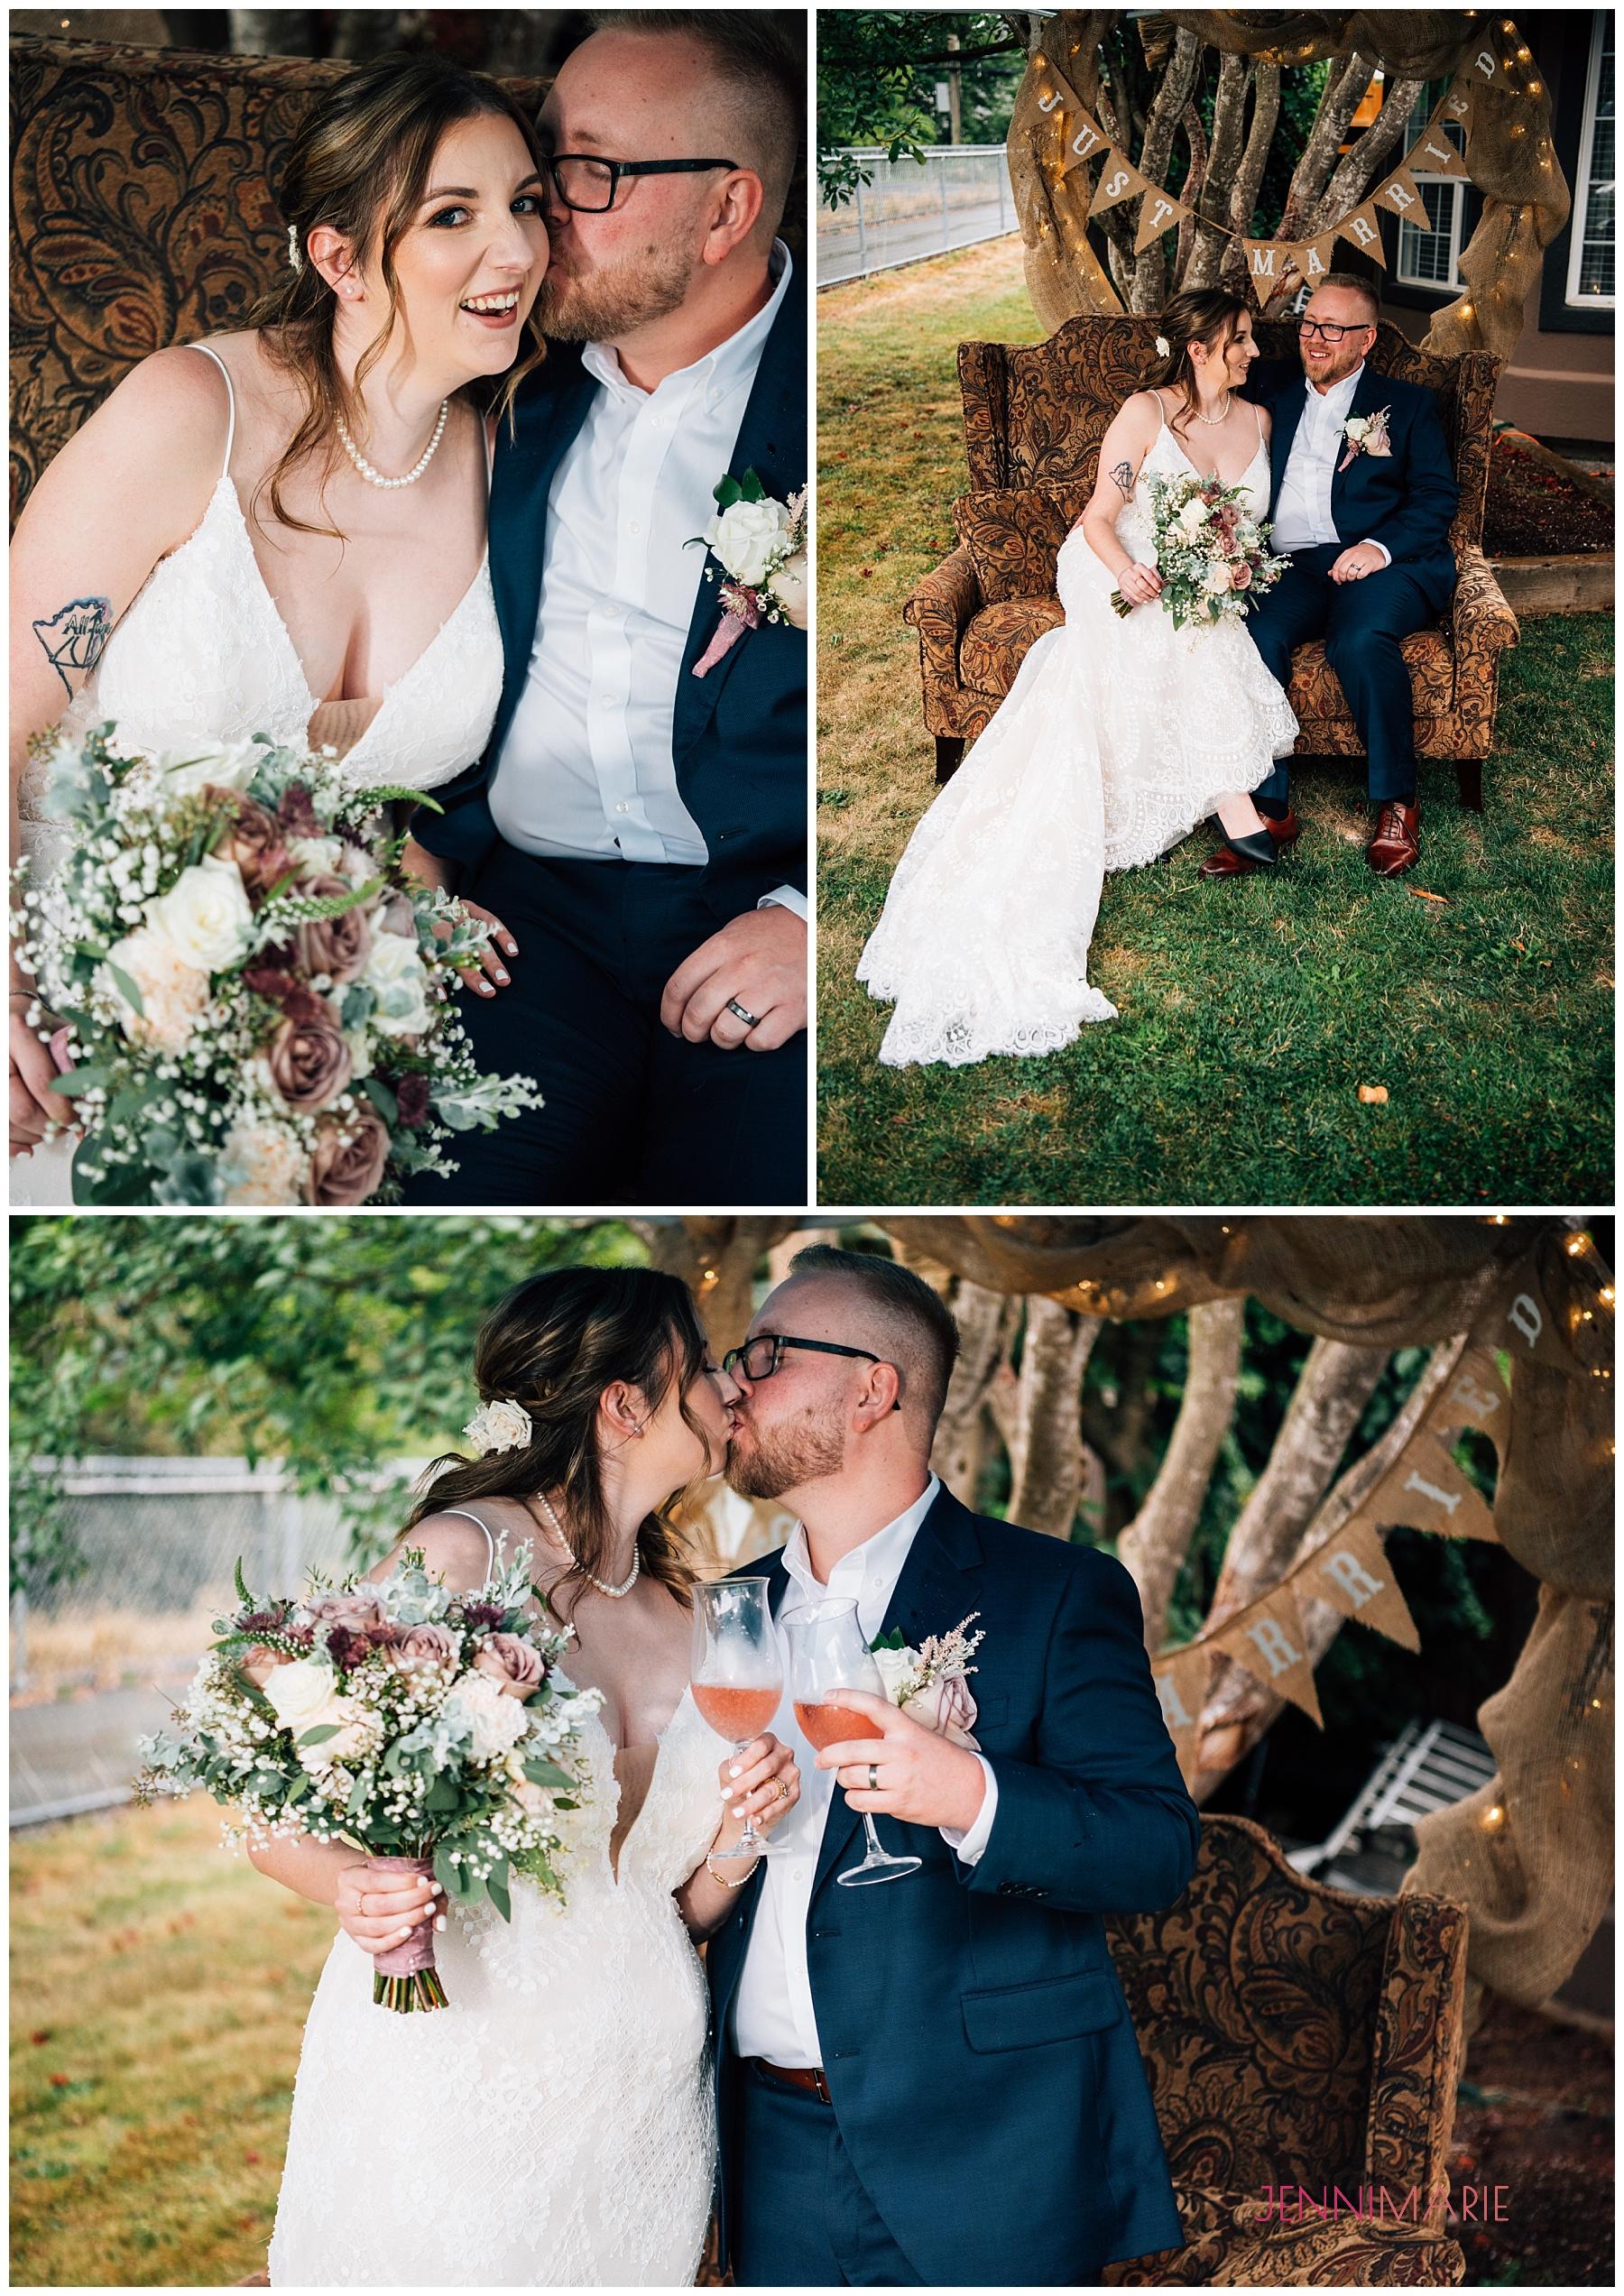 Backyard Wedding in Aldergrove